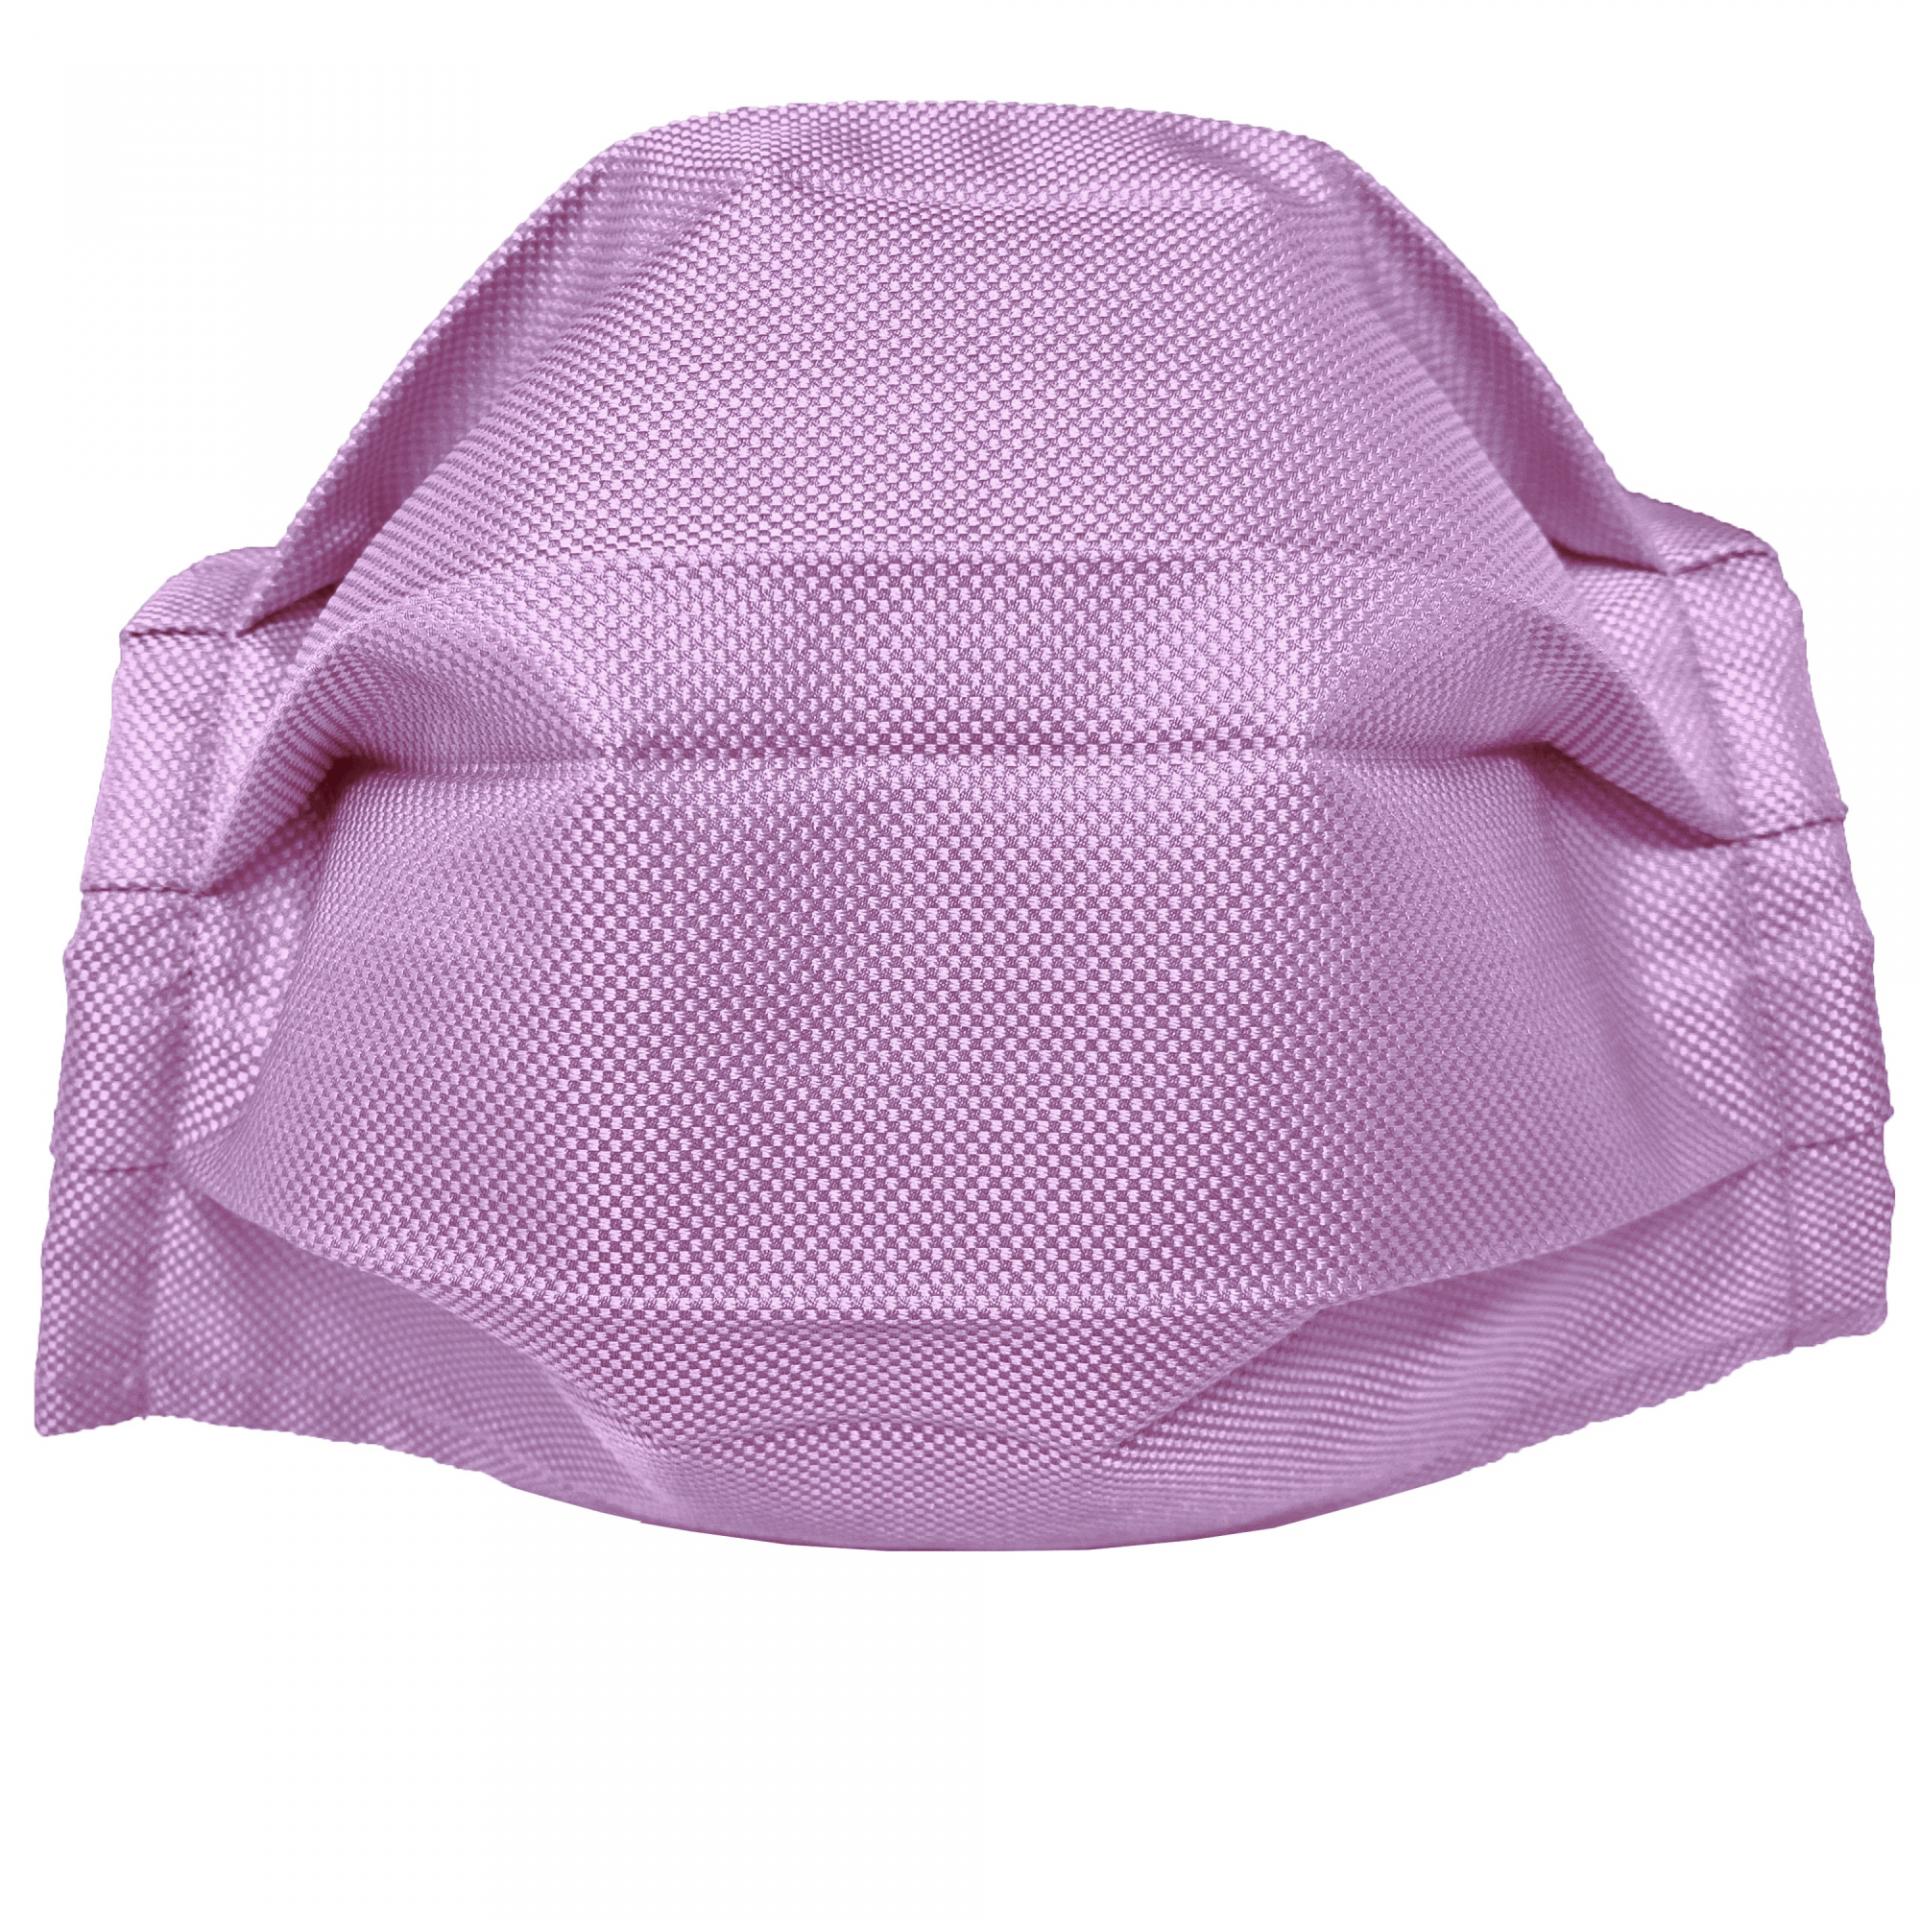 StyleMask Mascherina facciale filtrante lilla in seta